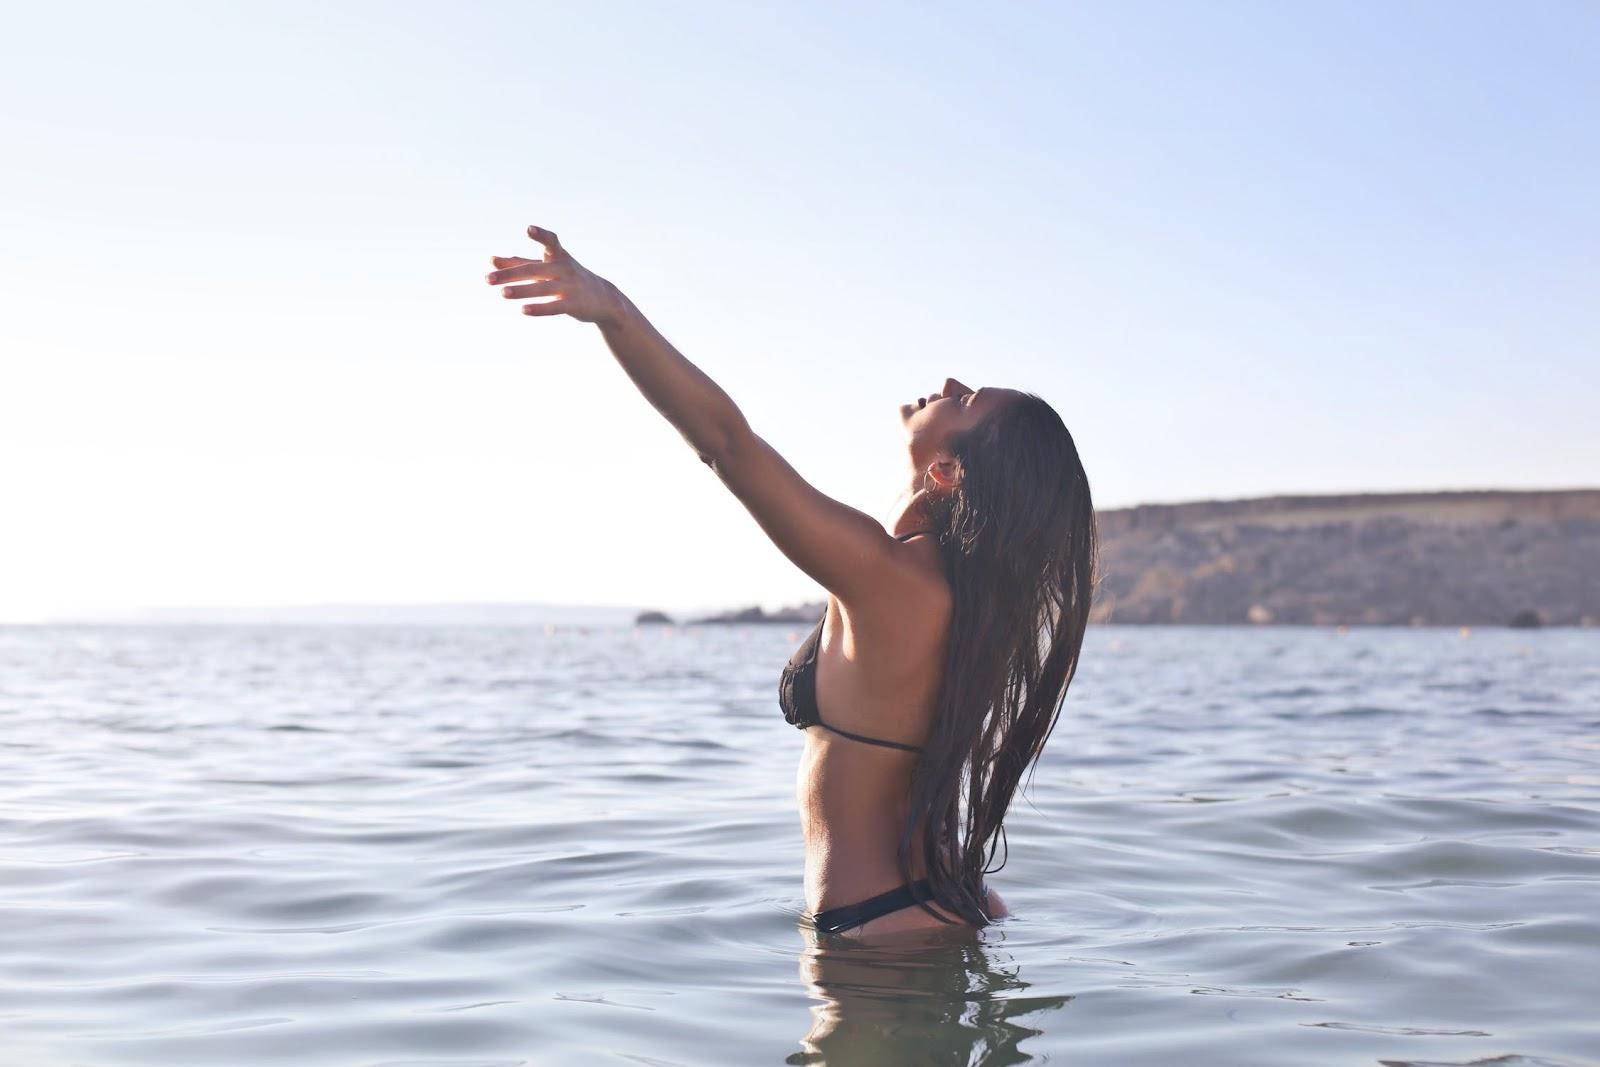 Mulher com braços levantados, olhos fechados em alto mar.